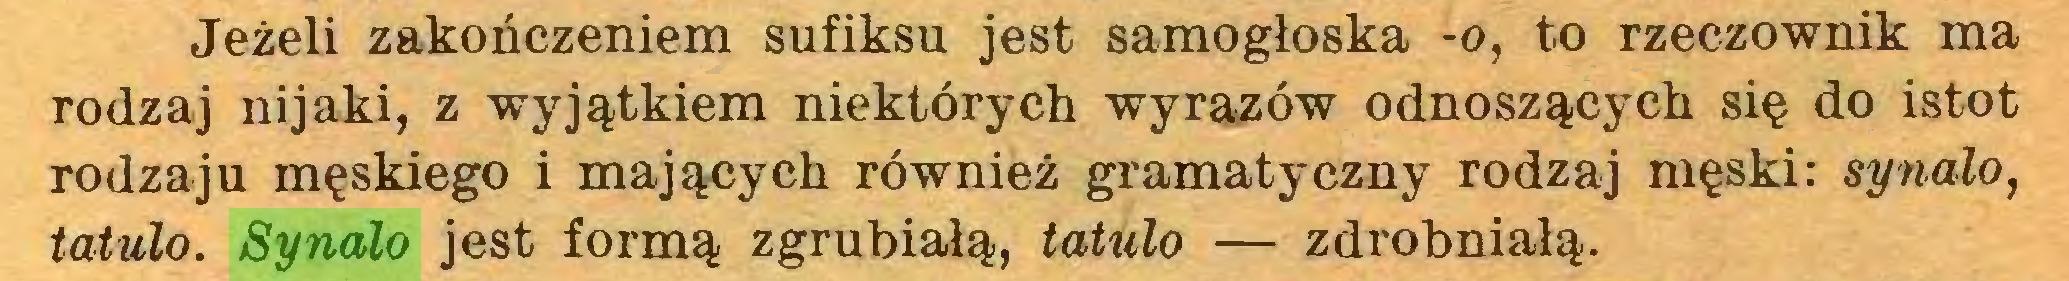 (...) Jeżeli zakończeniem sufiksu jest samogłoska -o, to rzeczownik ma rodzaj nijaki, z wyjątkiem niektórych wyrazów odnoszących się do istot rodzaju męskiego i mających również gramatyczny rodzaj męski: synalo, tatulo. Synalo jest formą zgrubiałą, tatulo — zdrobniałą...